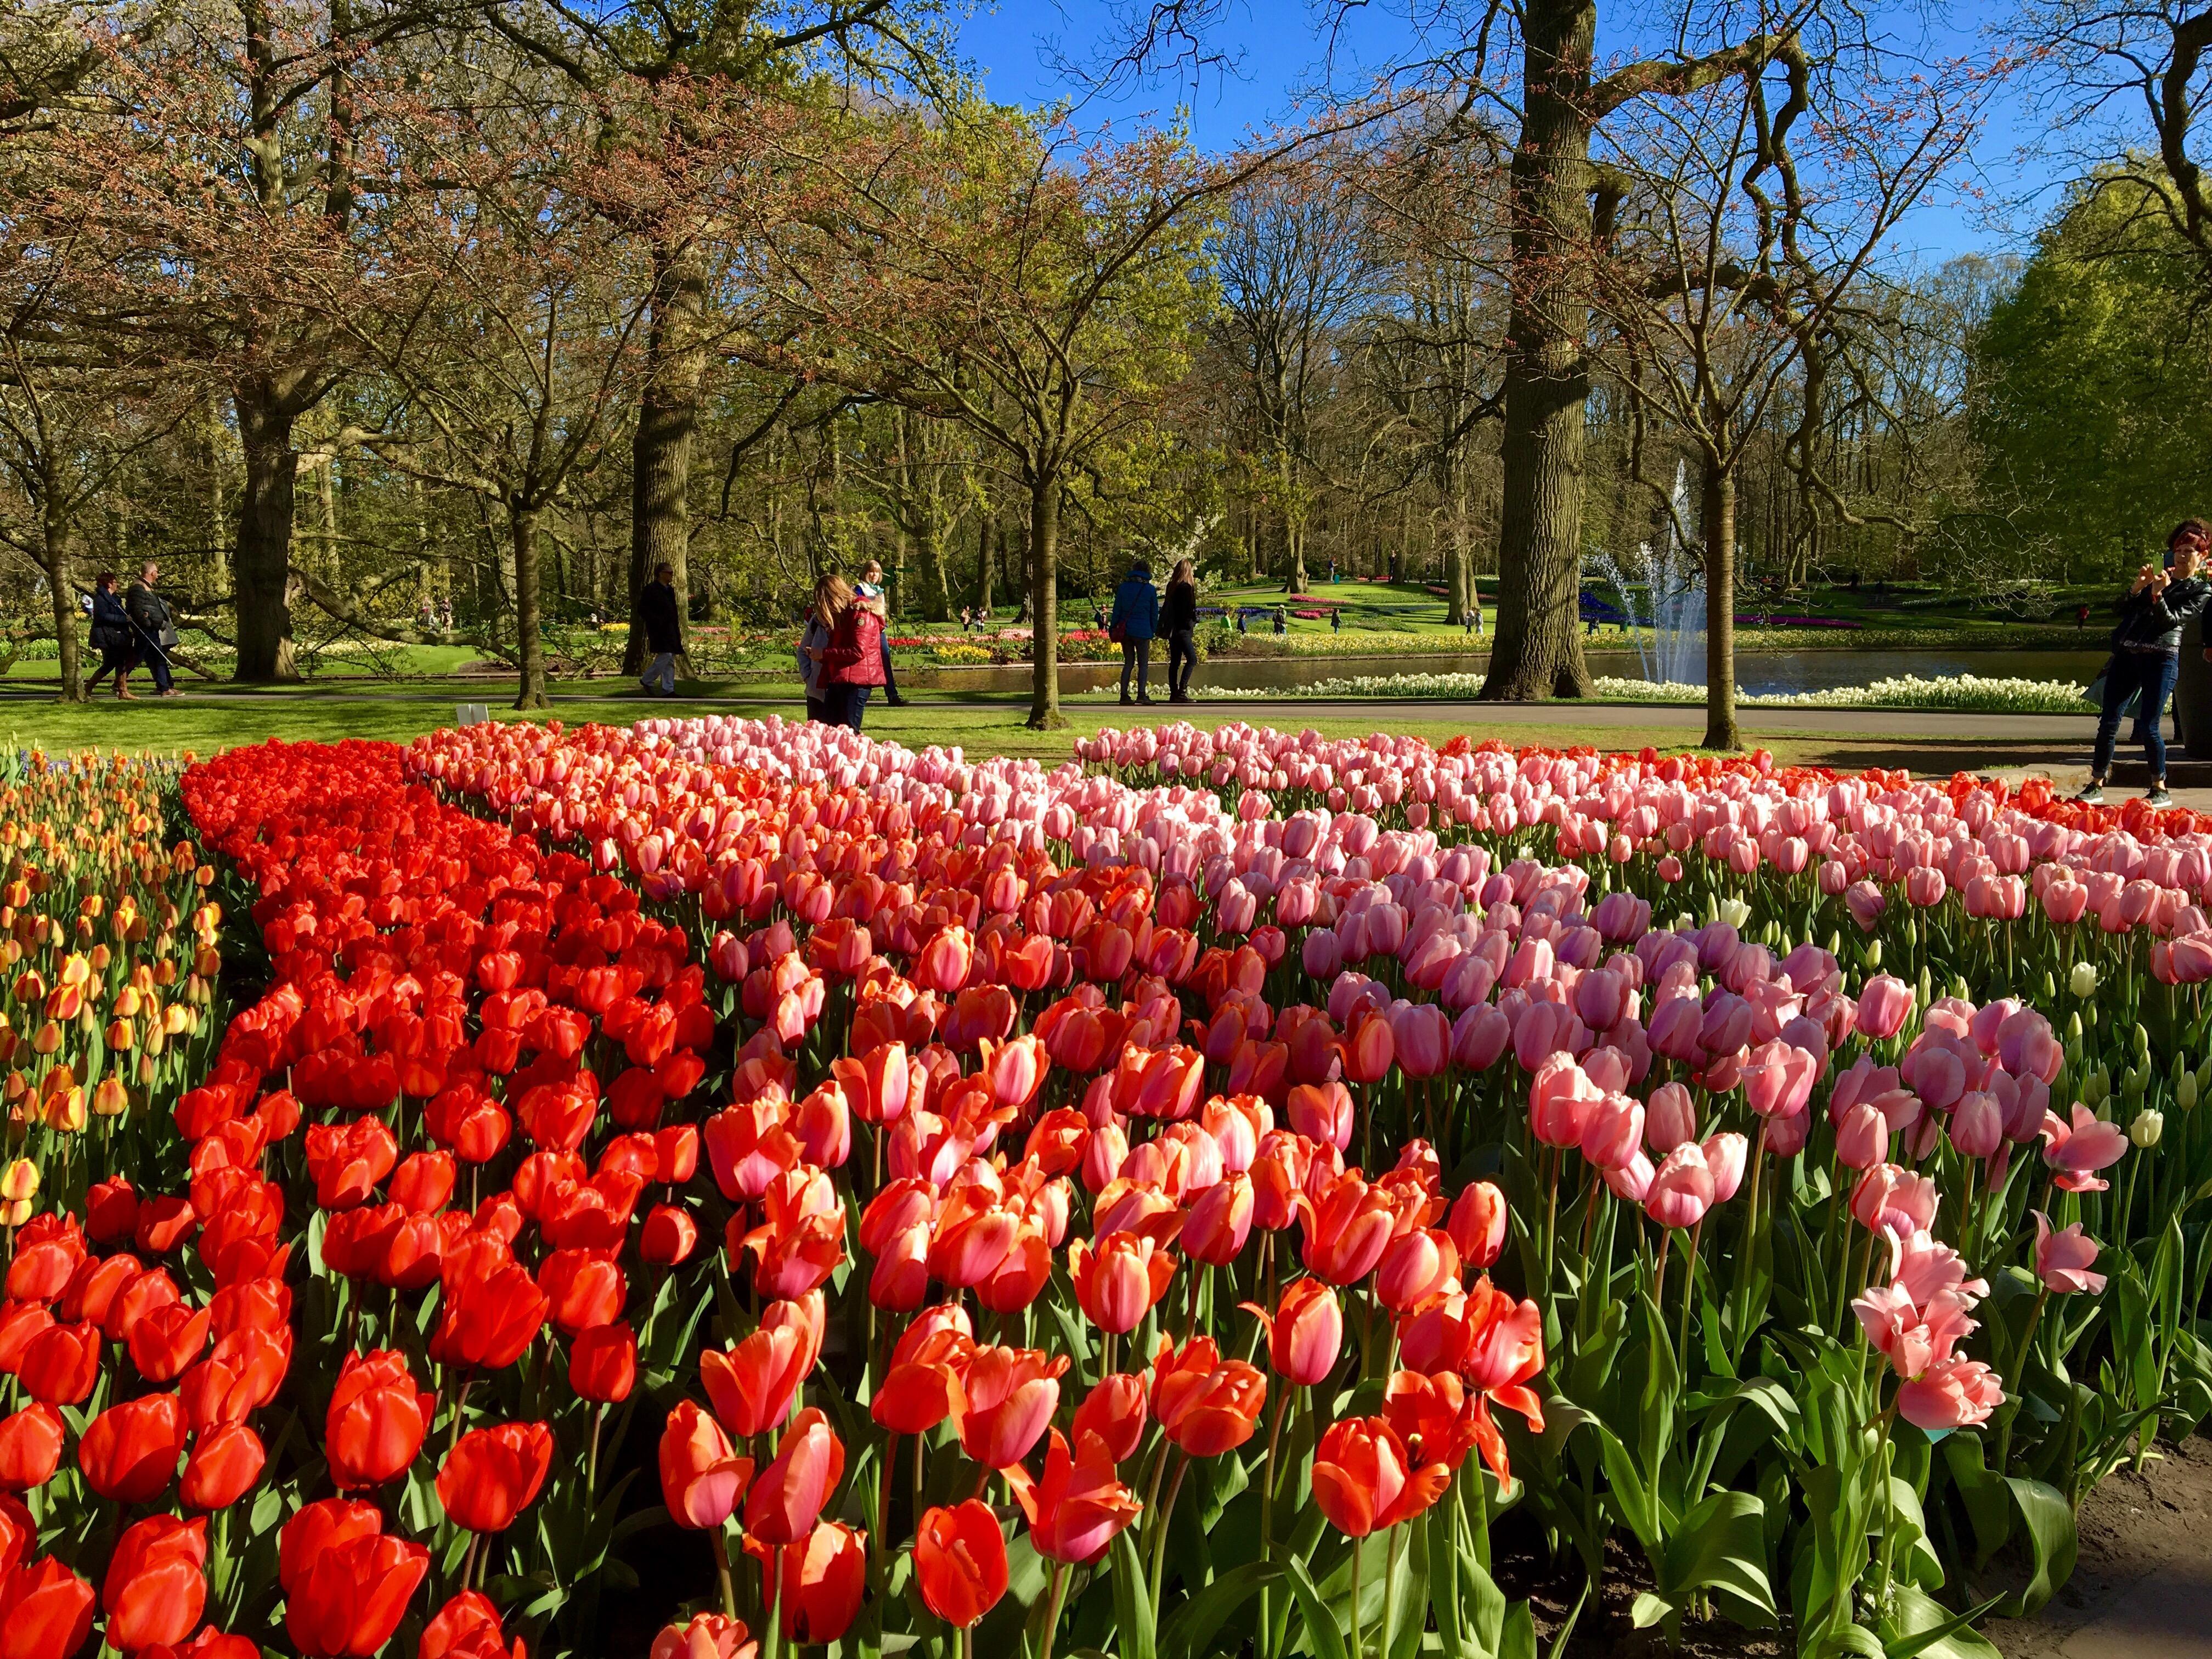 オランダのチューリップの庭園「キューケンホフ公園」へ2016